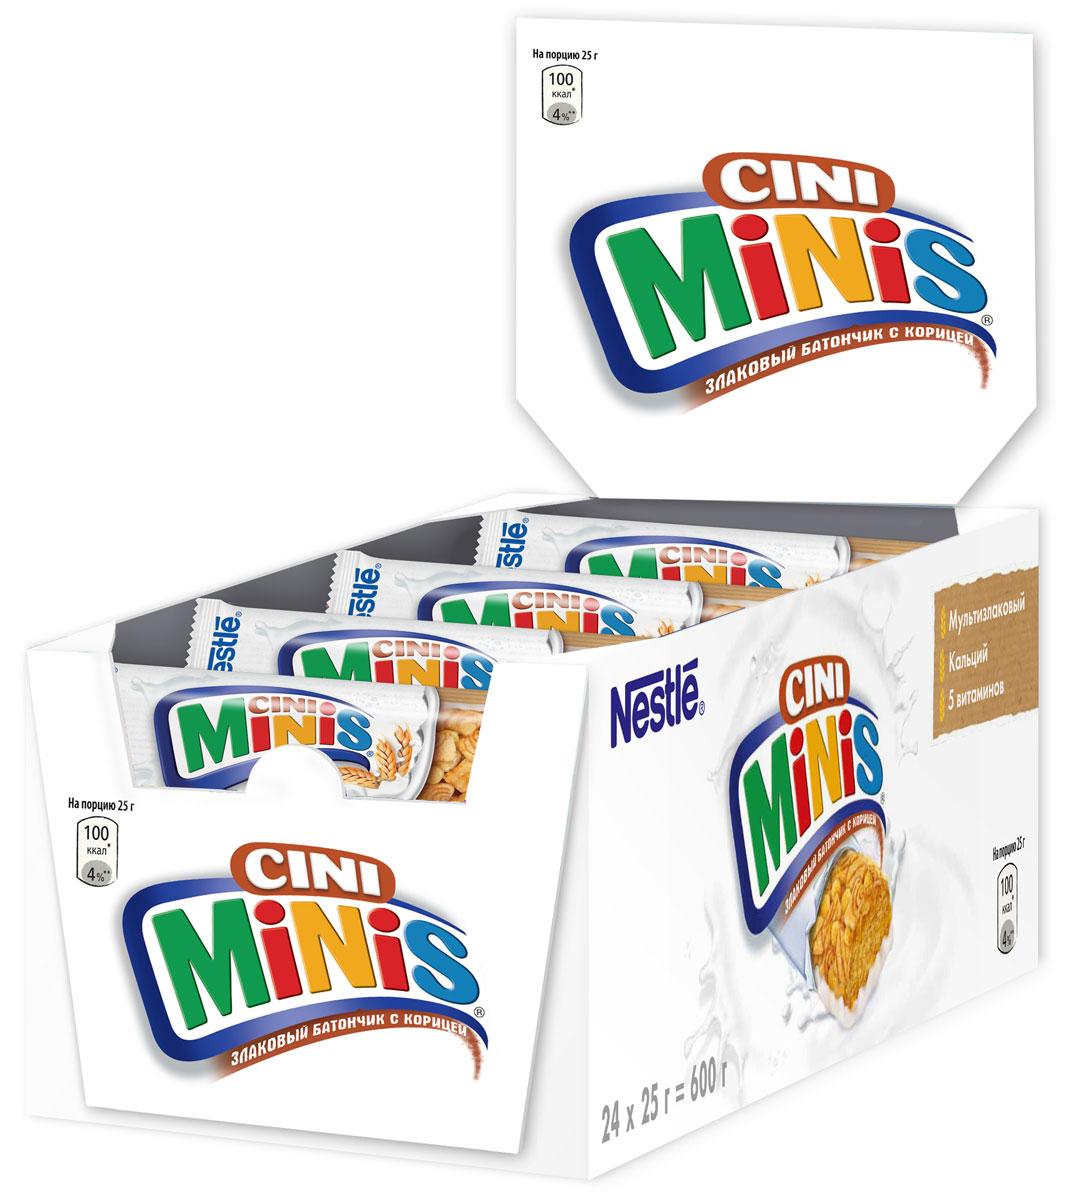 Nestle Cini Minis Злаковый батончик с корицей, 24 шт по 25 г5900020027979Великолепный вкус корицы и польза цельных злаков. - Необыкновенно вкусные, с натуральной корицей - Содержат цельные злаки- Обогащены витаминами, кальцием и железом